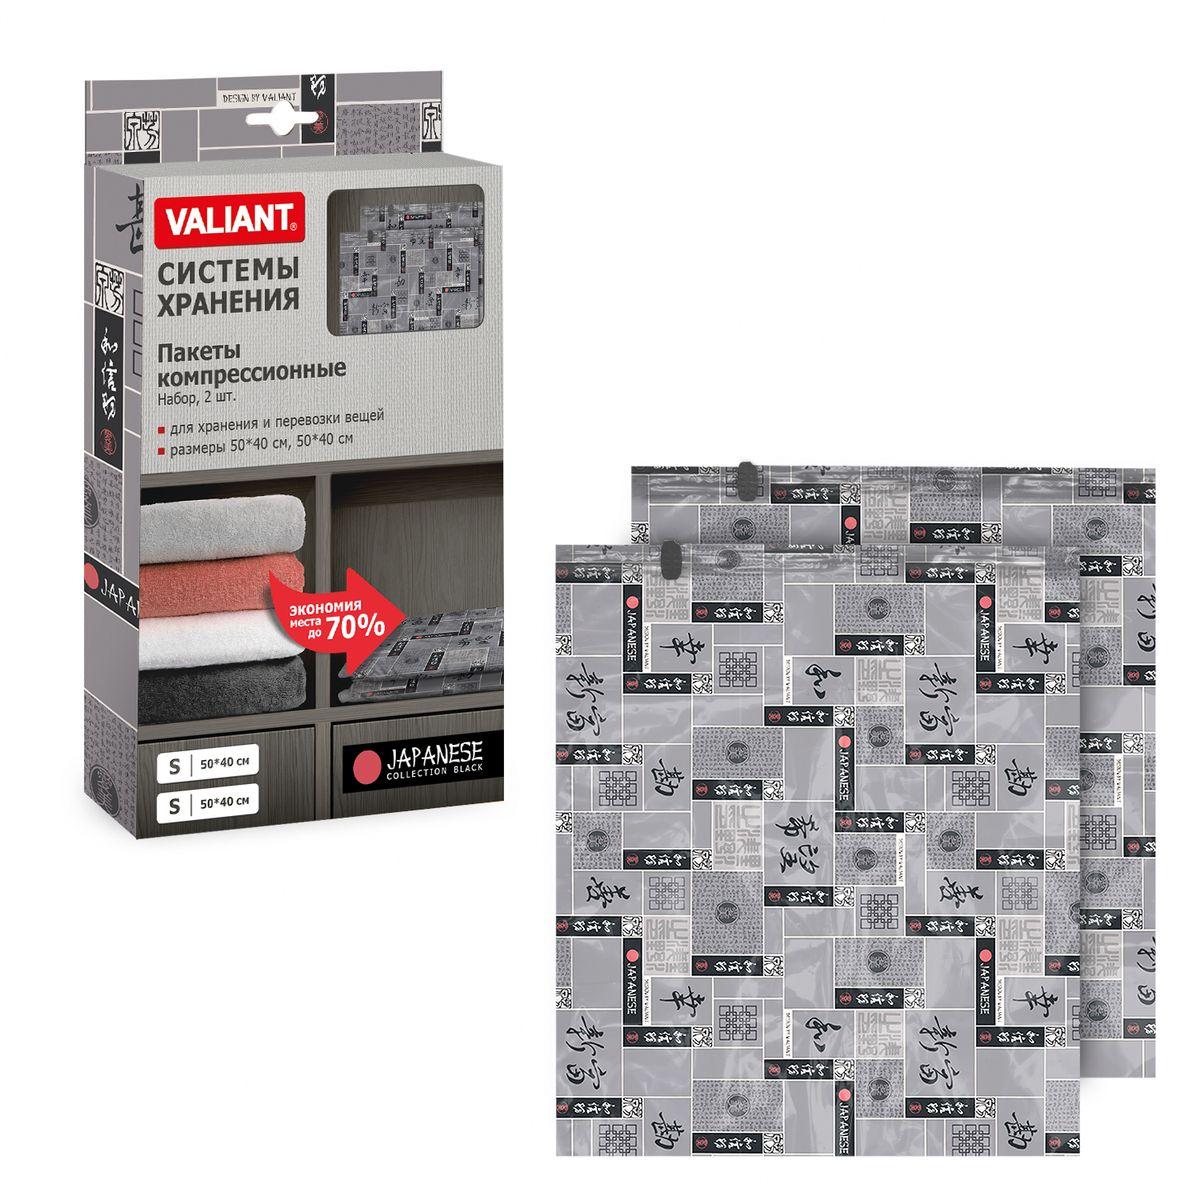 Пакет компрессионный Valiant Japanese Black, 50 х 40 см, 2 штJB-VS-54Набор Valiant Japanese Black состоит из двух компрессионных пакетов, которые помогут сэкономить место в шкафу. Пакеты защищают вещи от любых повреждений - влаги, пыли, пятен, плесени, моли и других насекомых, а также от обесцвечивания, запахов и бактерий. Чехлы закрываются на замок zip-lock. Не подходят для изделий из меха и кожи.Размер чехла: 50 х 40 см.